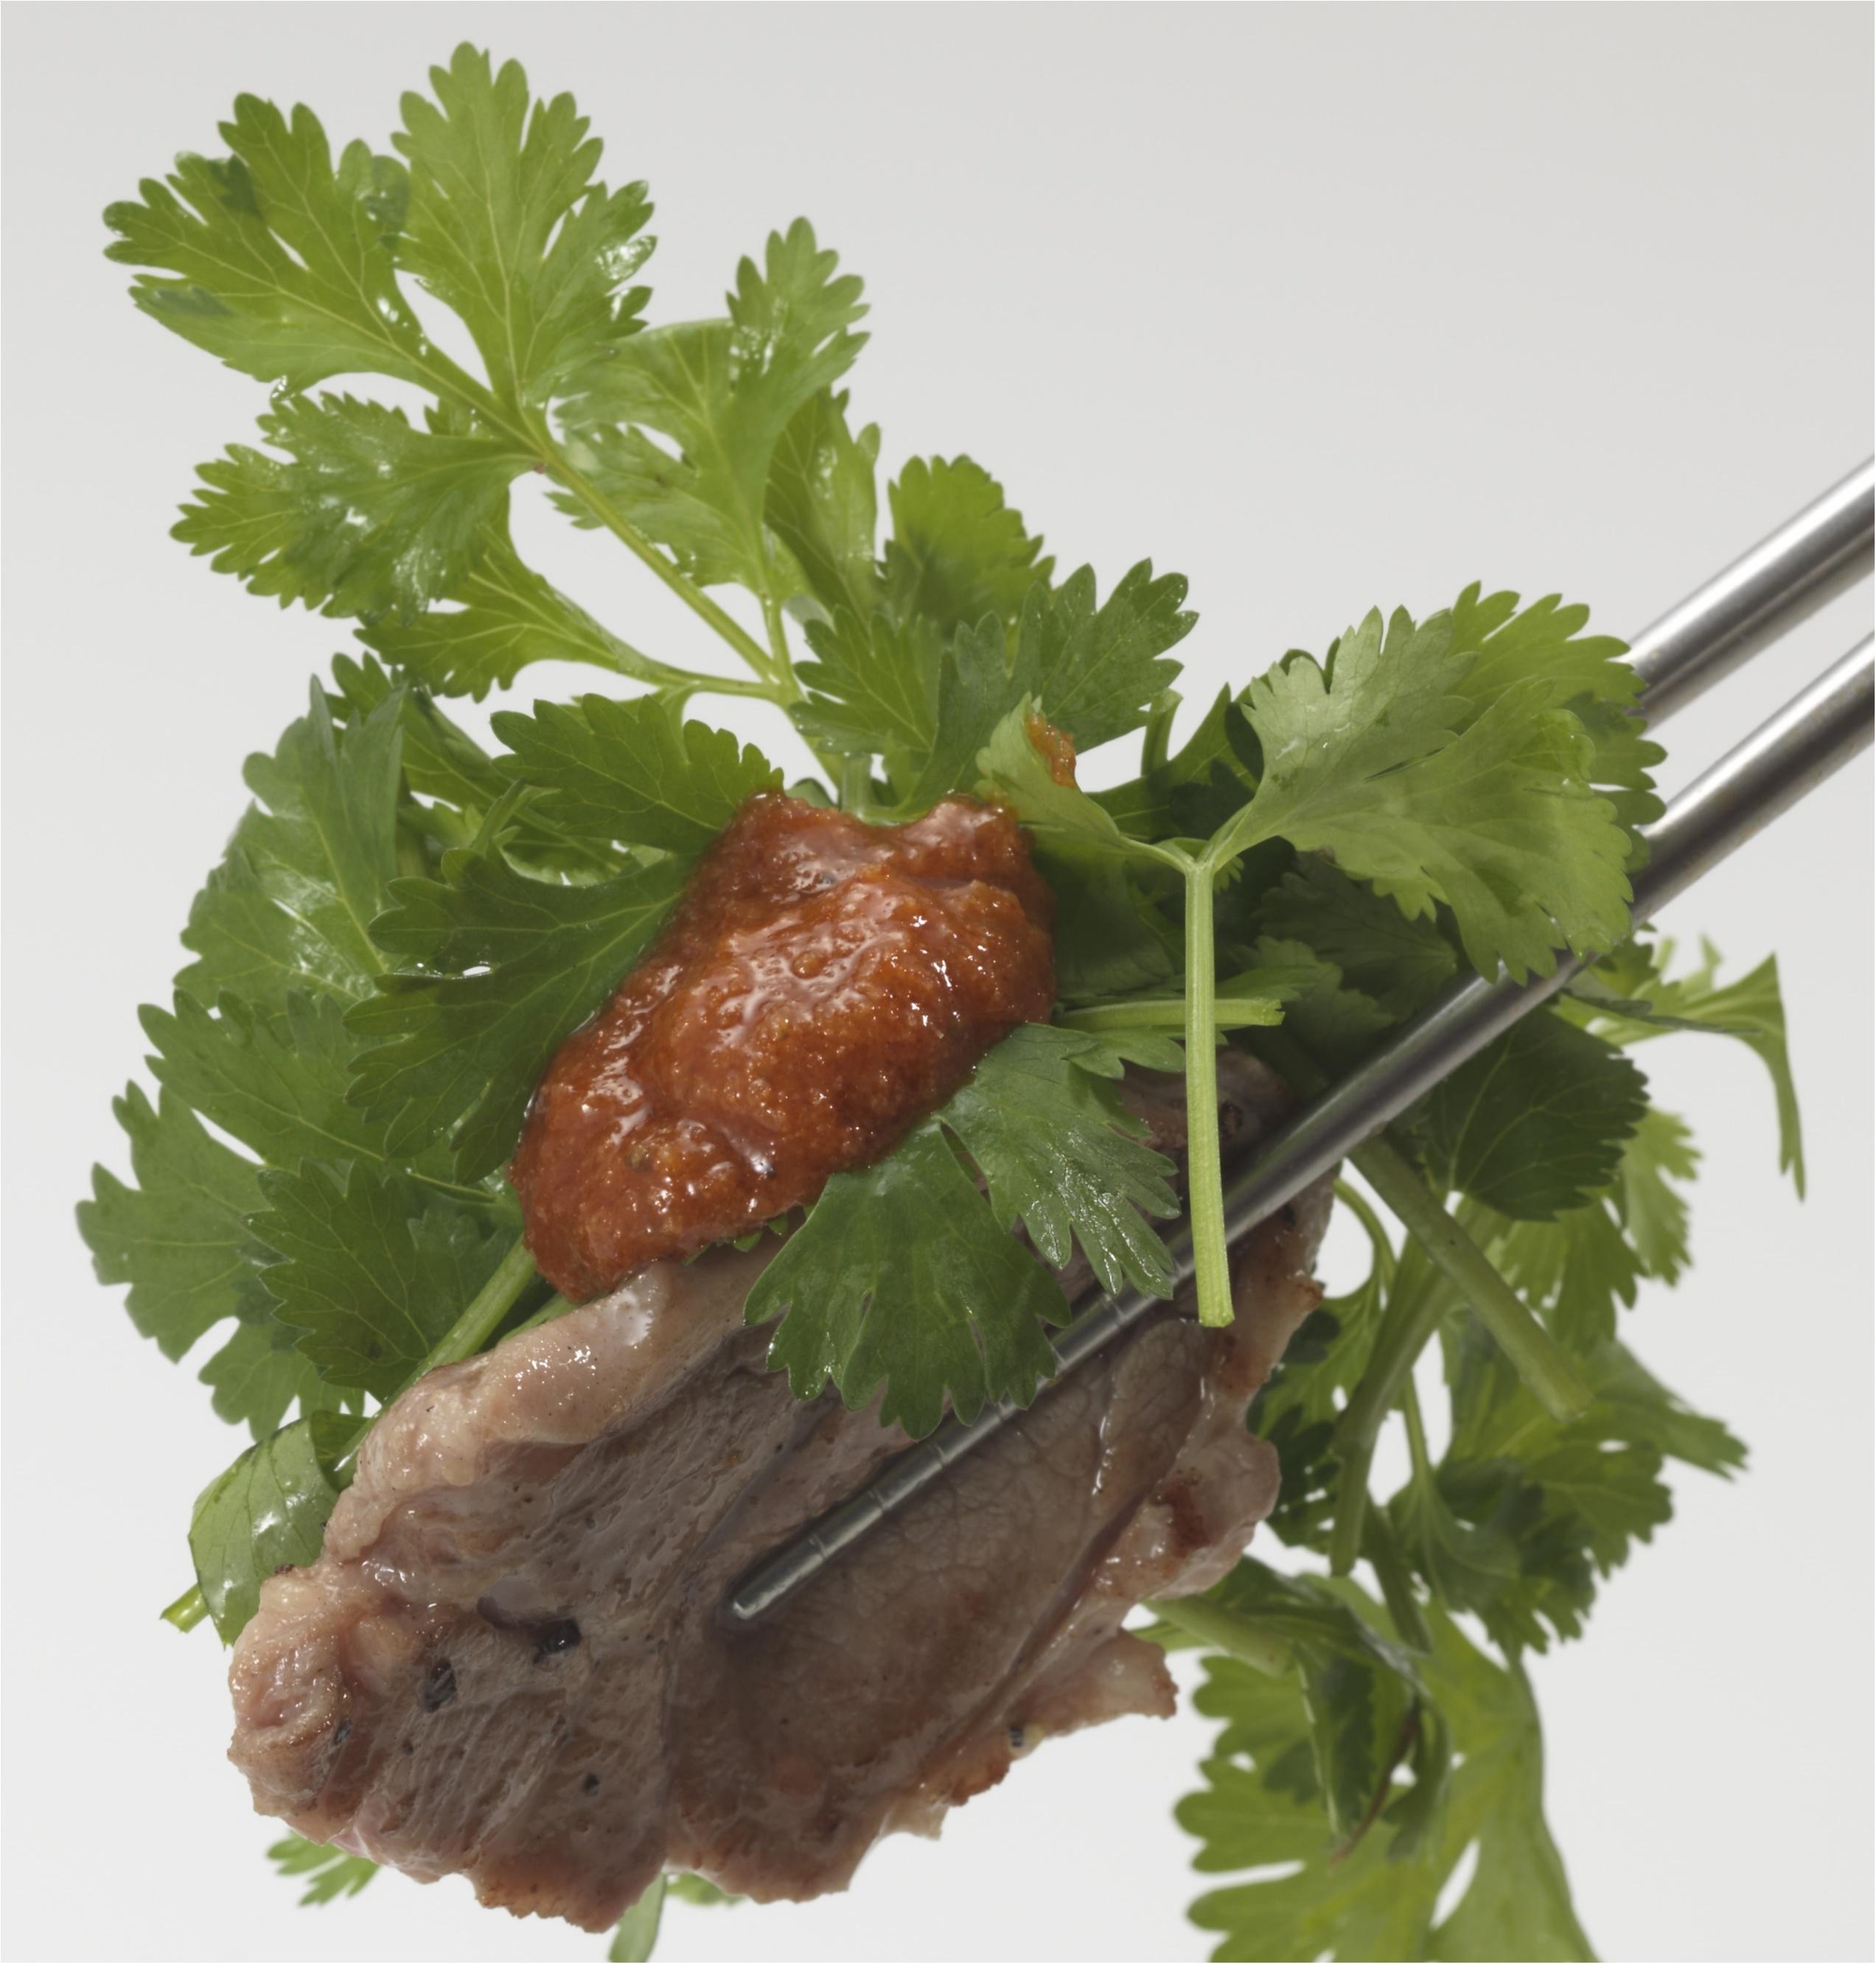 『牛角』じゃなくて『ベジカク』!? パクチー好きも必見♡ 今年の夏はお肉と一緒に野菜をモリモリ食べよう♬_2_3